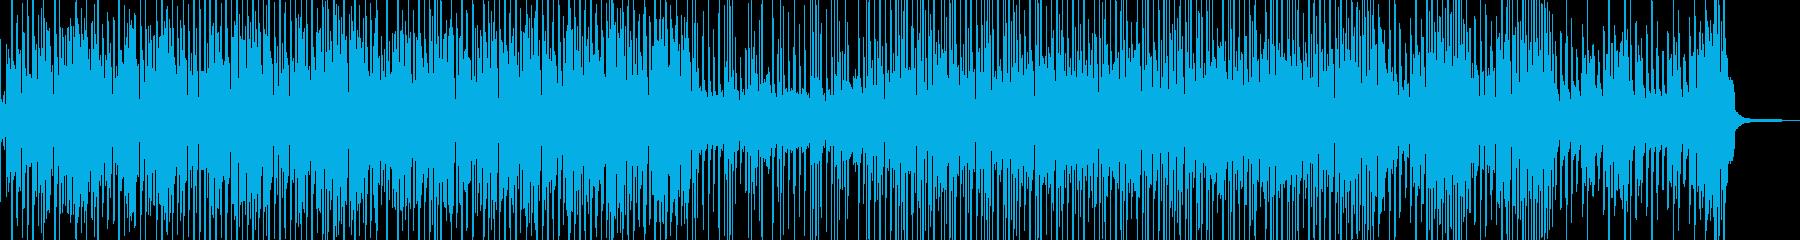 まったりした雰囲気のポップス Bの再生済みの波形